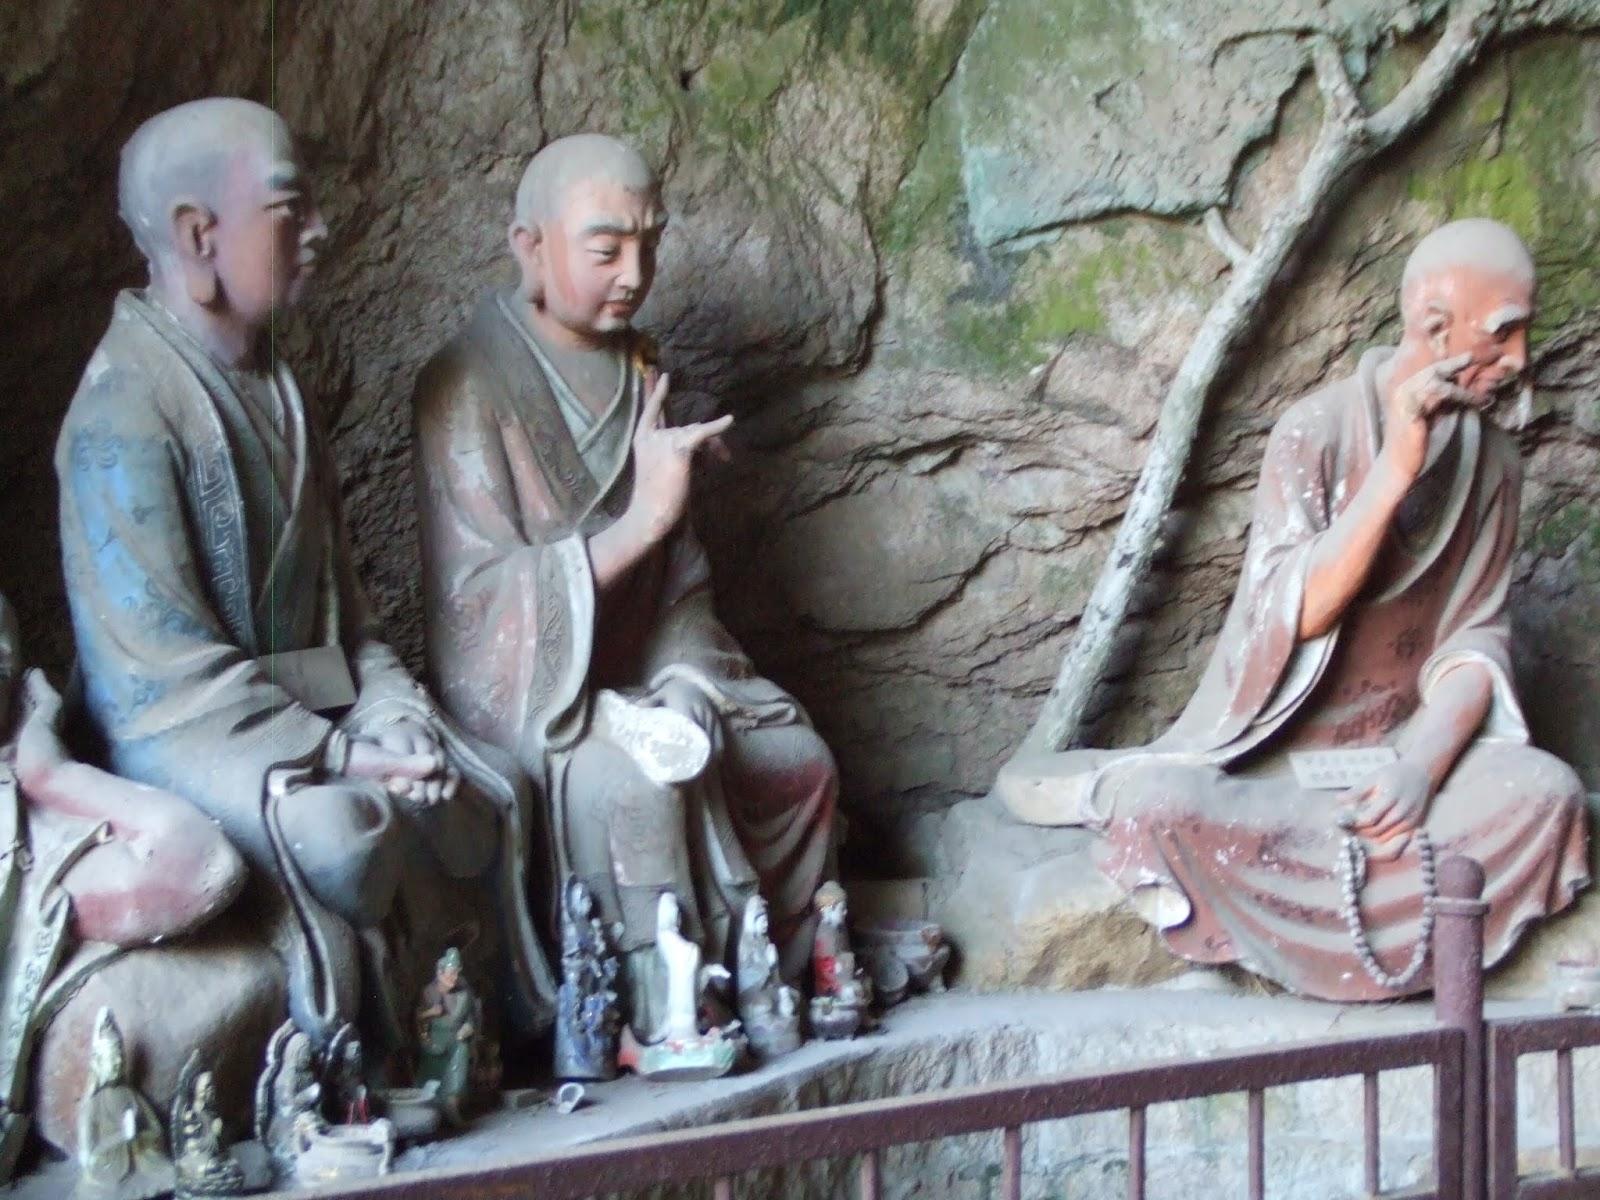 Stele mit chinesischen Figuren vor Felswand und roter Zaun